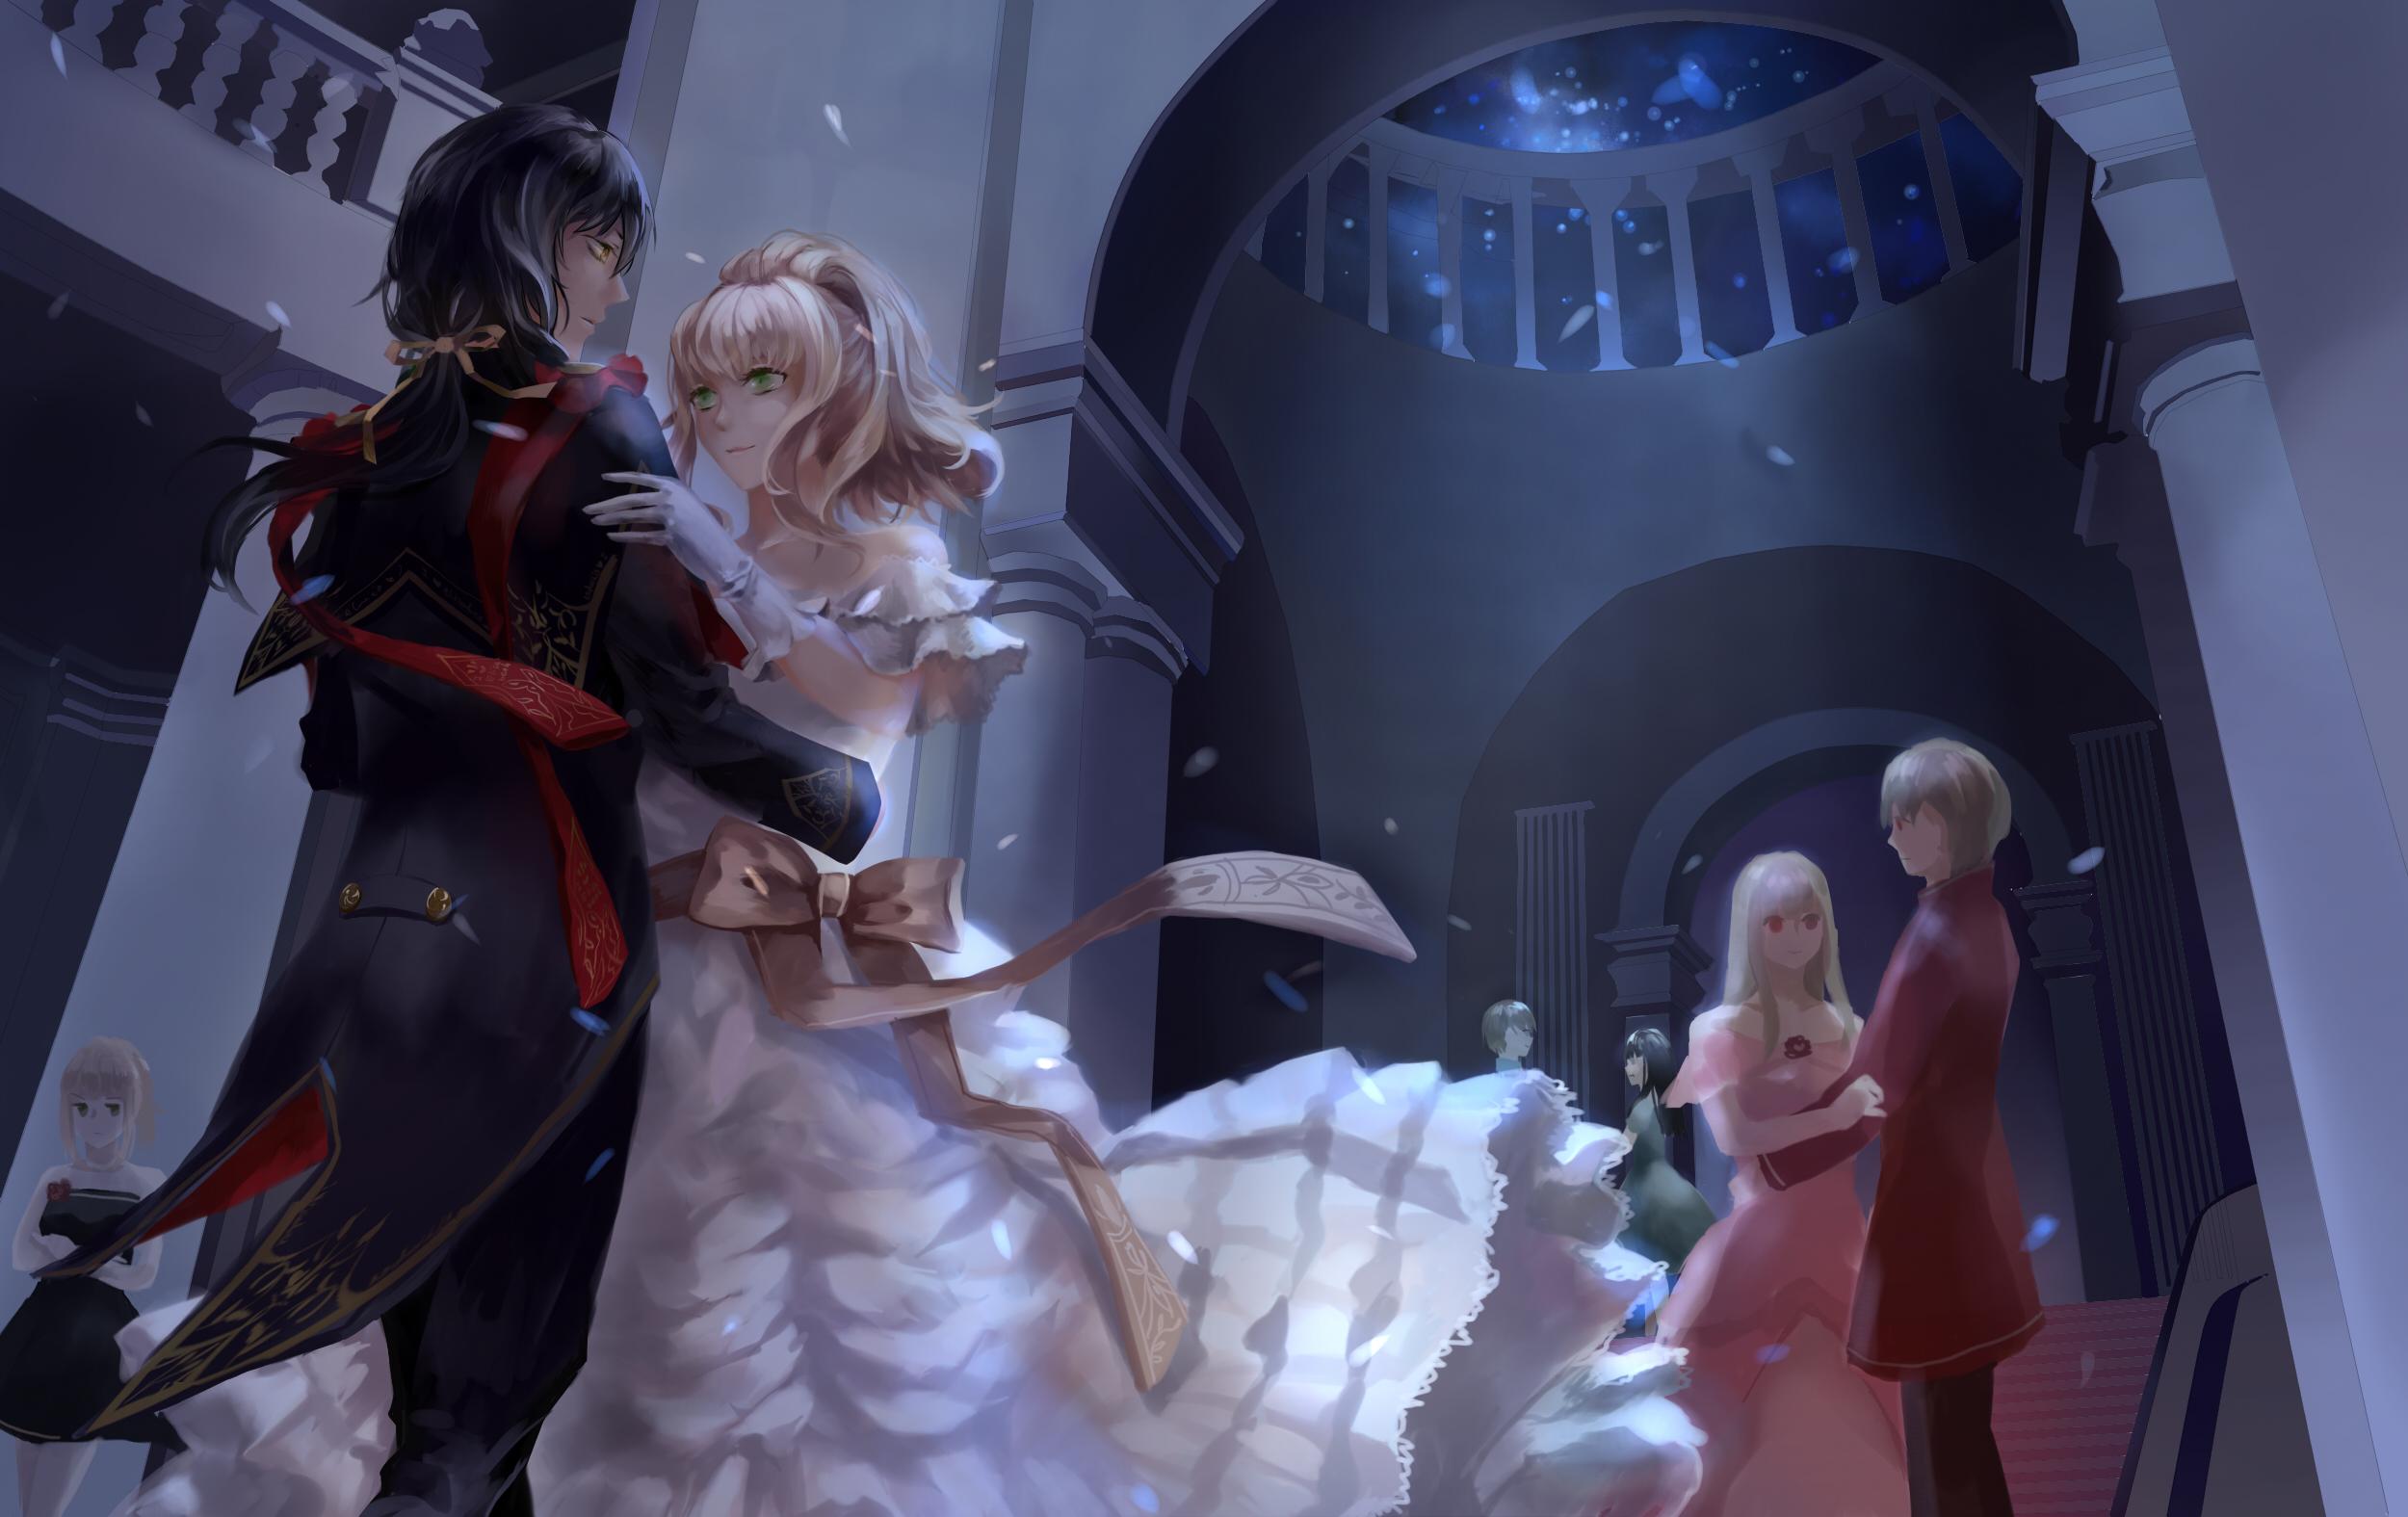 Hình ảnh anime cô công chúa khiêu vũ